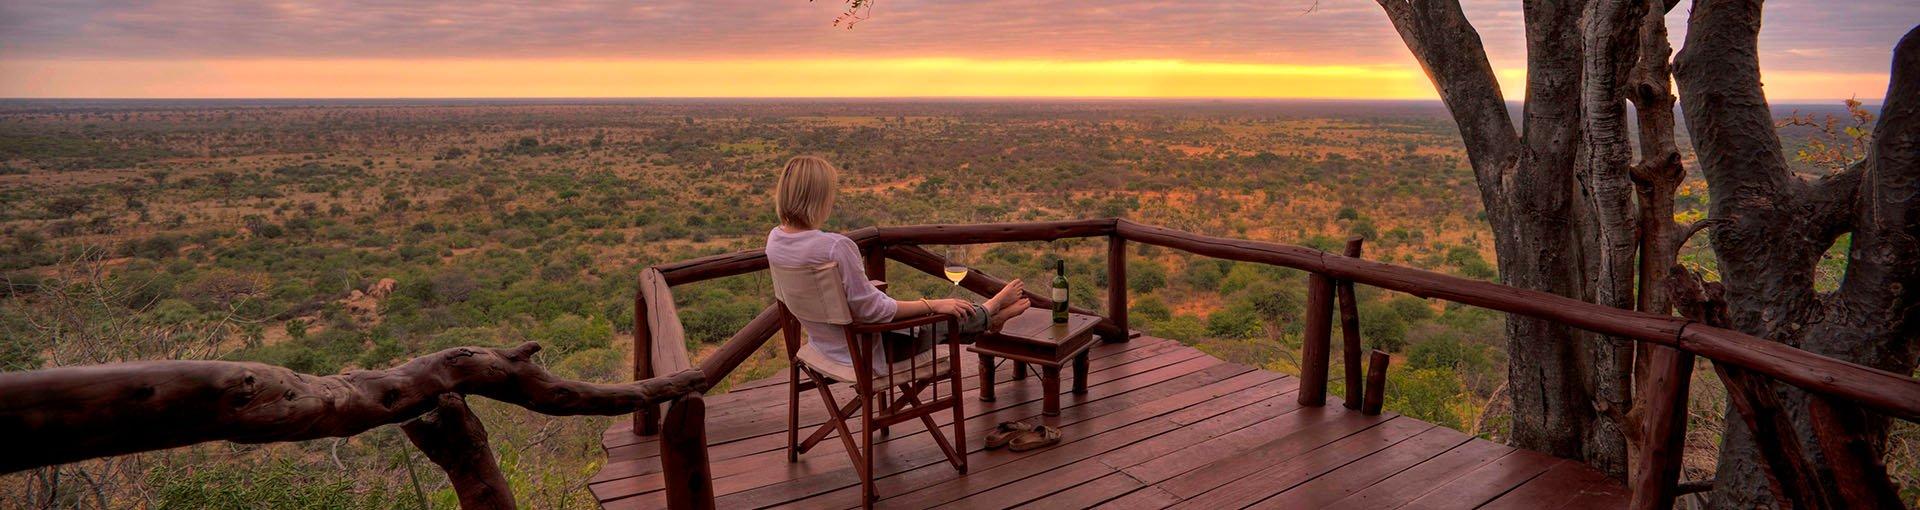 African Safari As A Solo Traveller